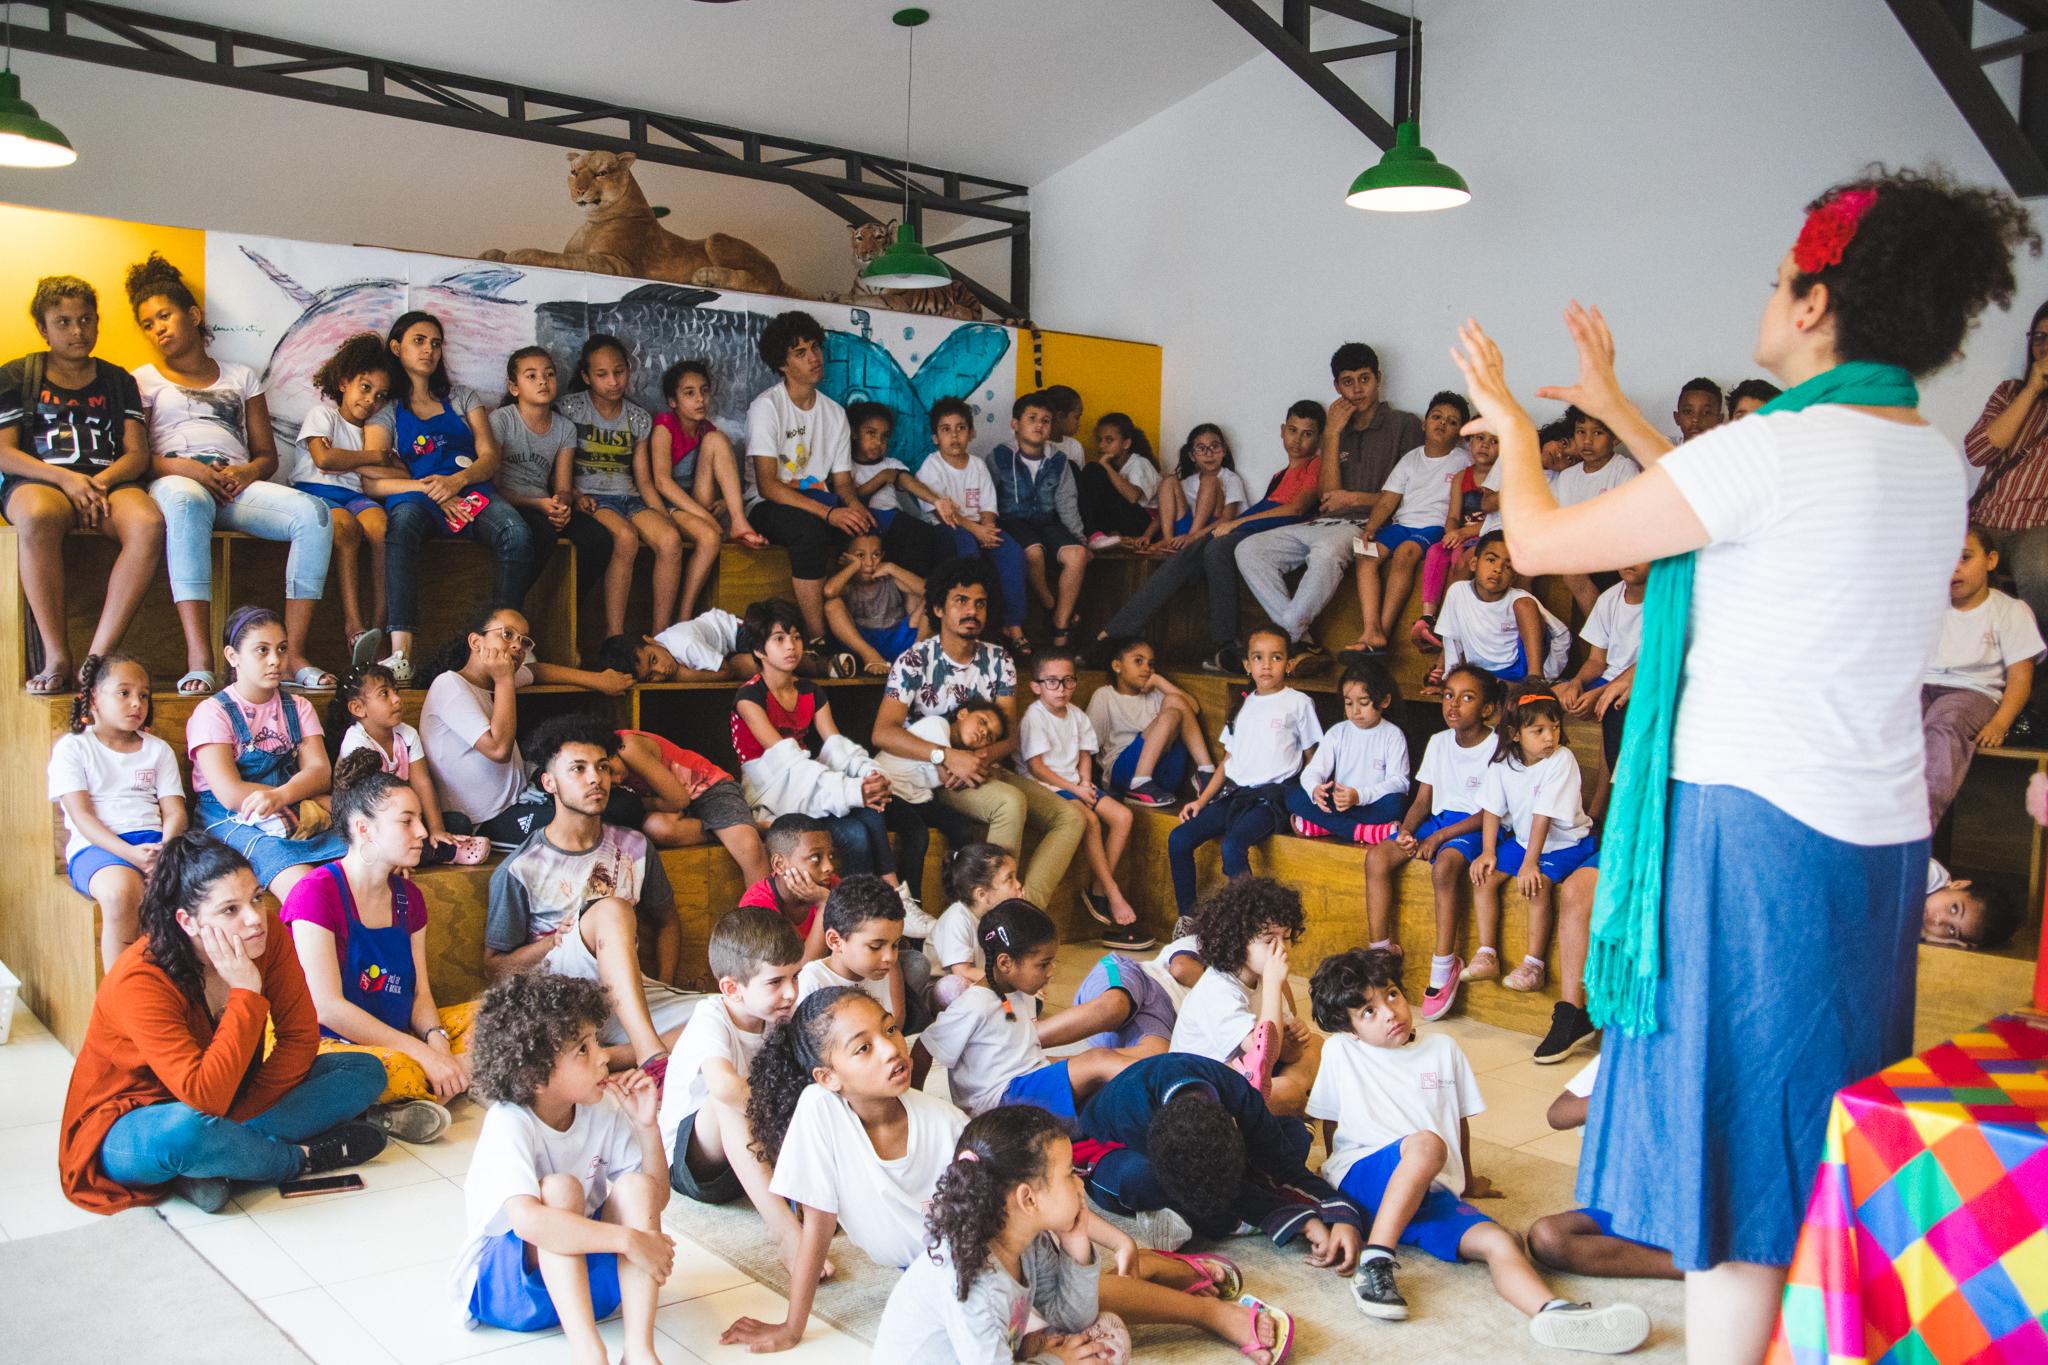 Contação de história em 20-09-19 na Biblioteca Pró-Saber em Paraisópolis/SP